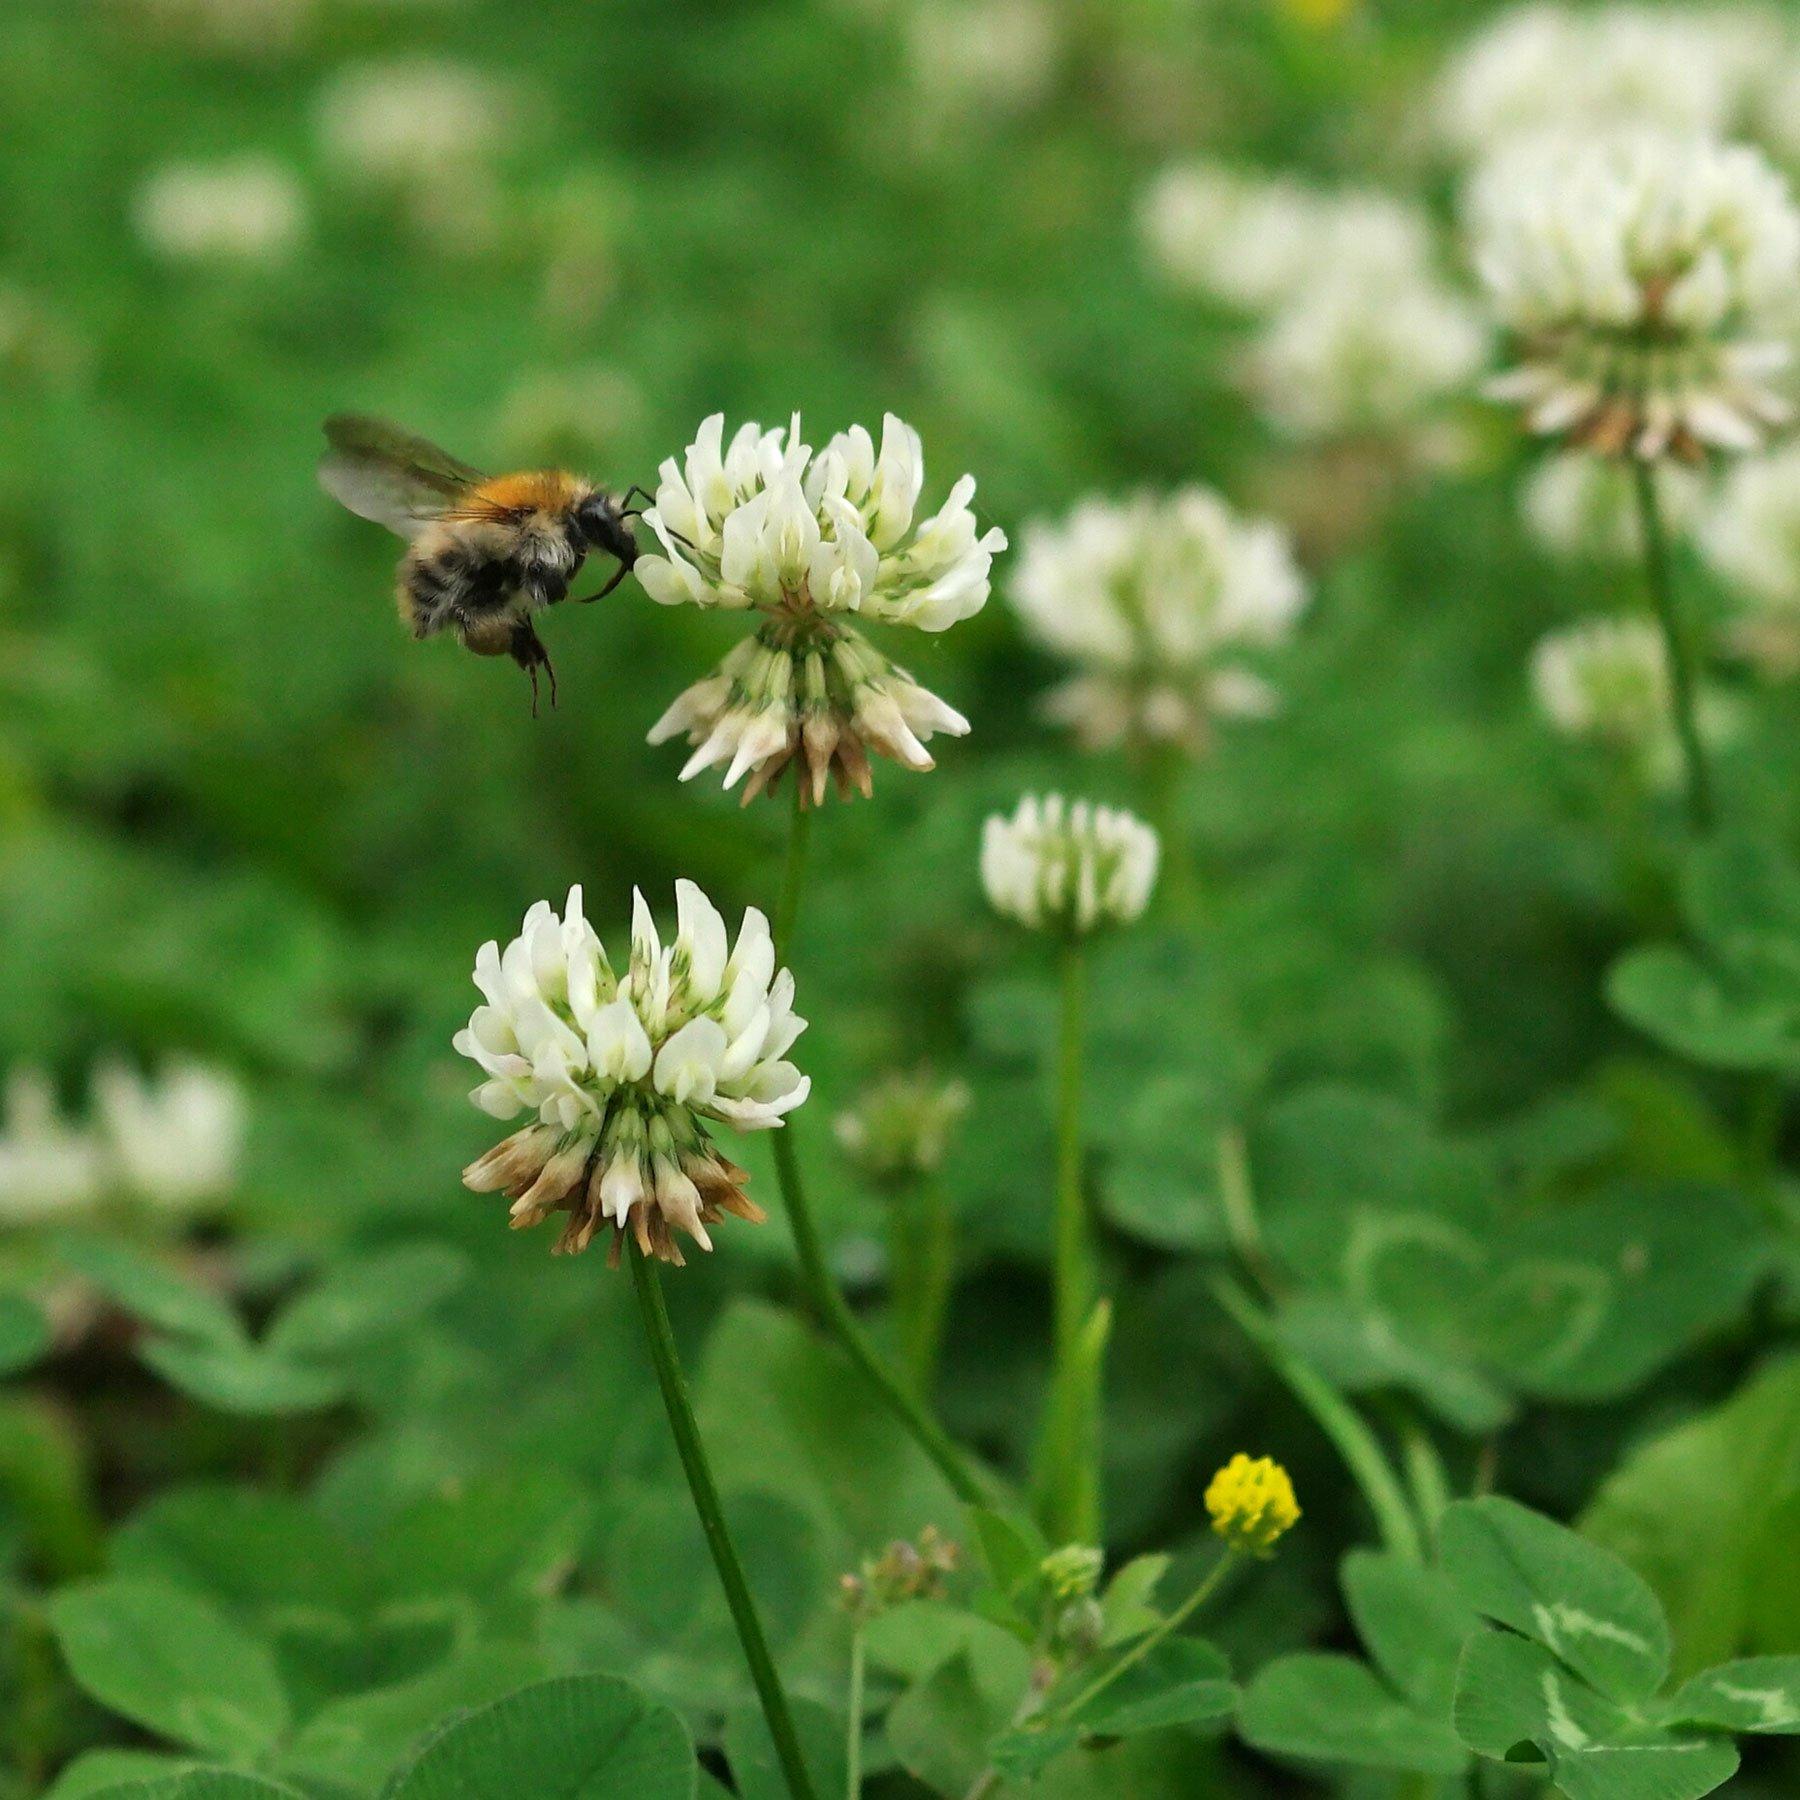 Wildbiene an Weiß-Klee